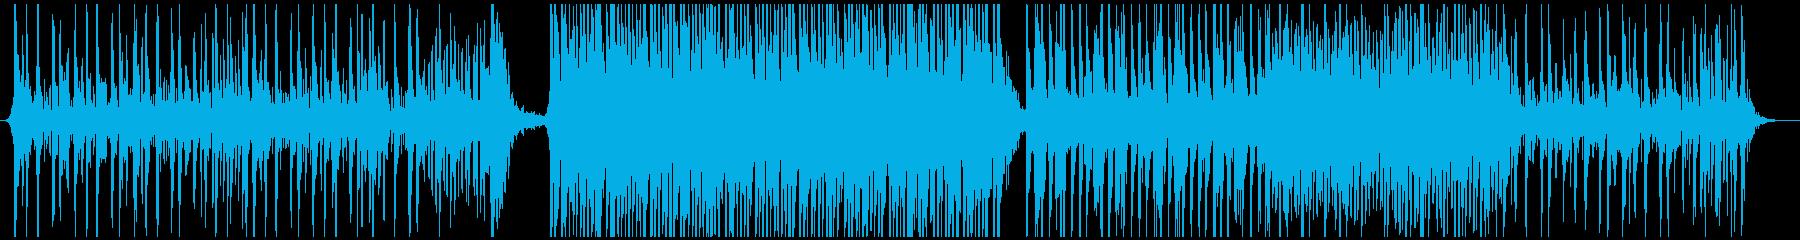 企業イメージ 積極的 焦り 打楽器...の再生済みの波形